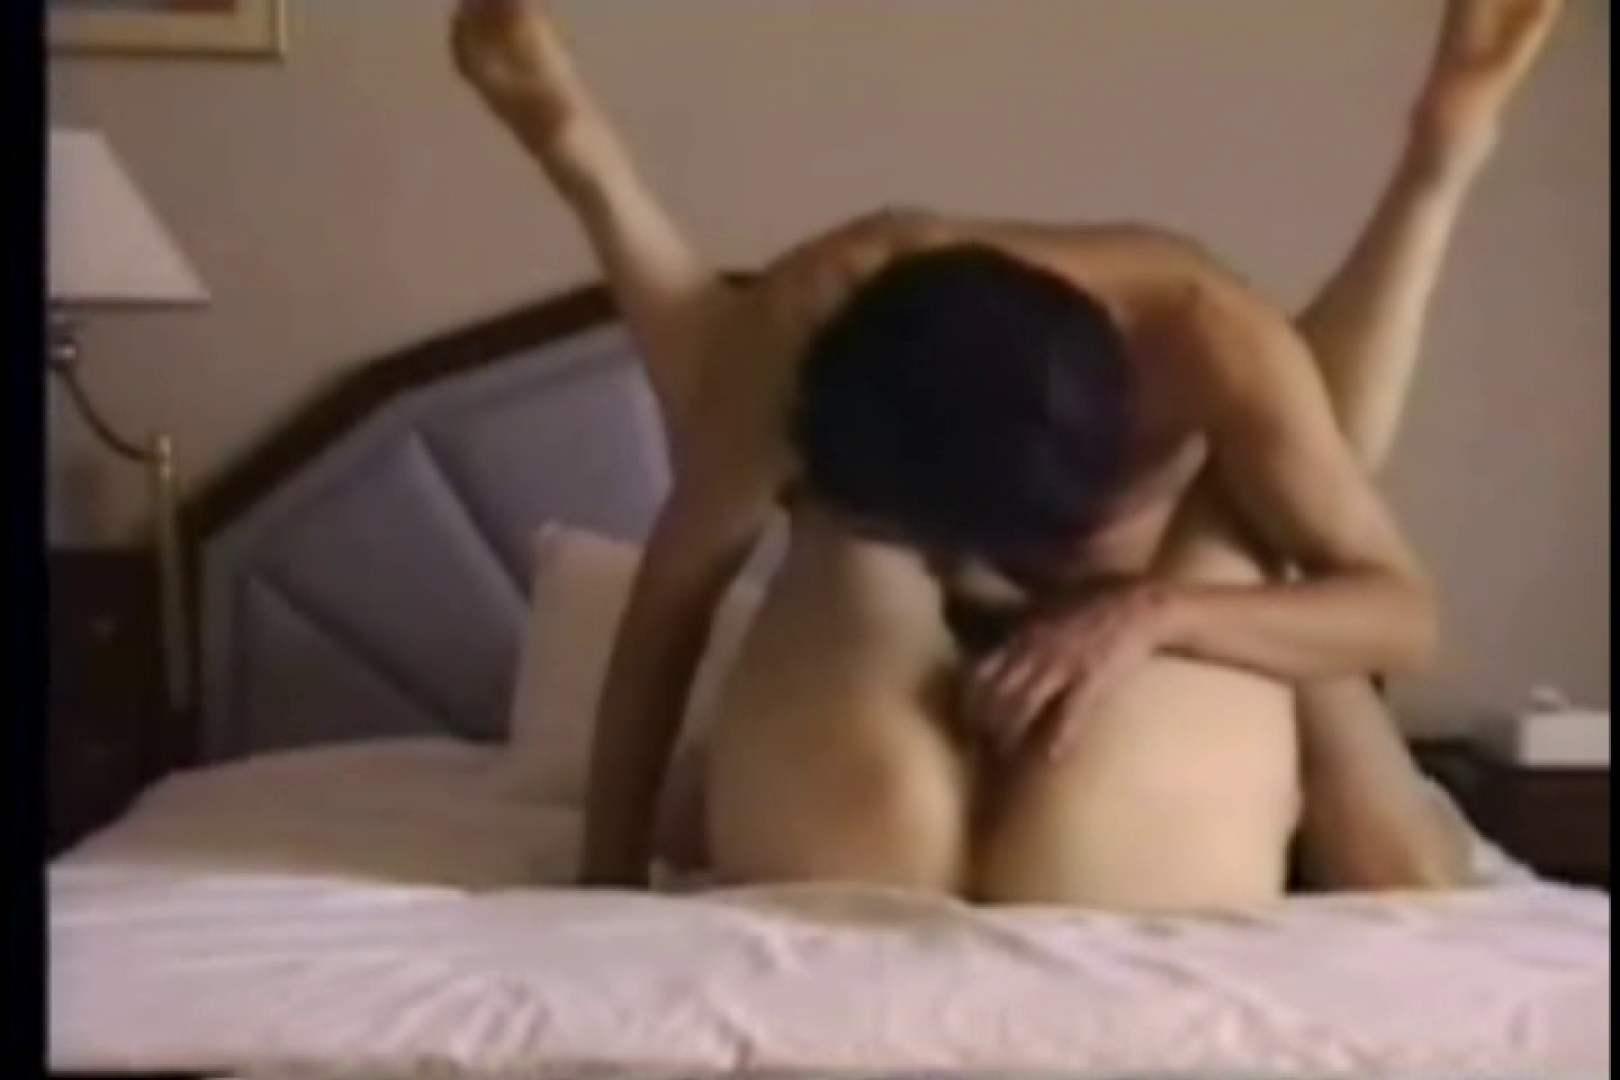 ホテルに抱かれに来る美熟女4 ホテル AV無料動画キャプチャ 81枚 47